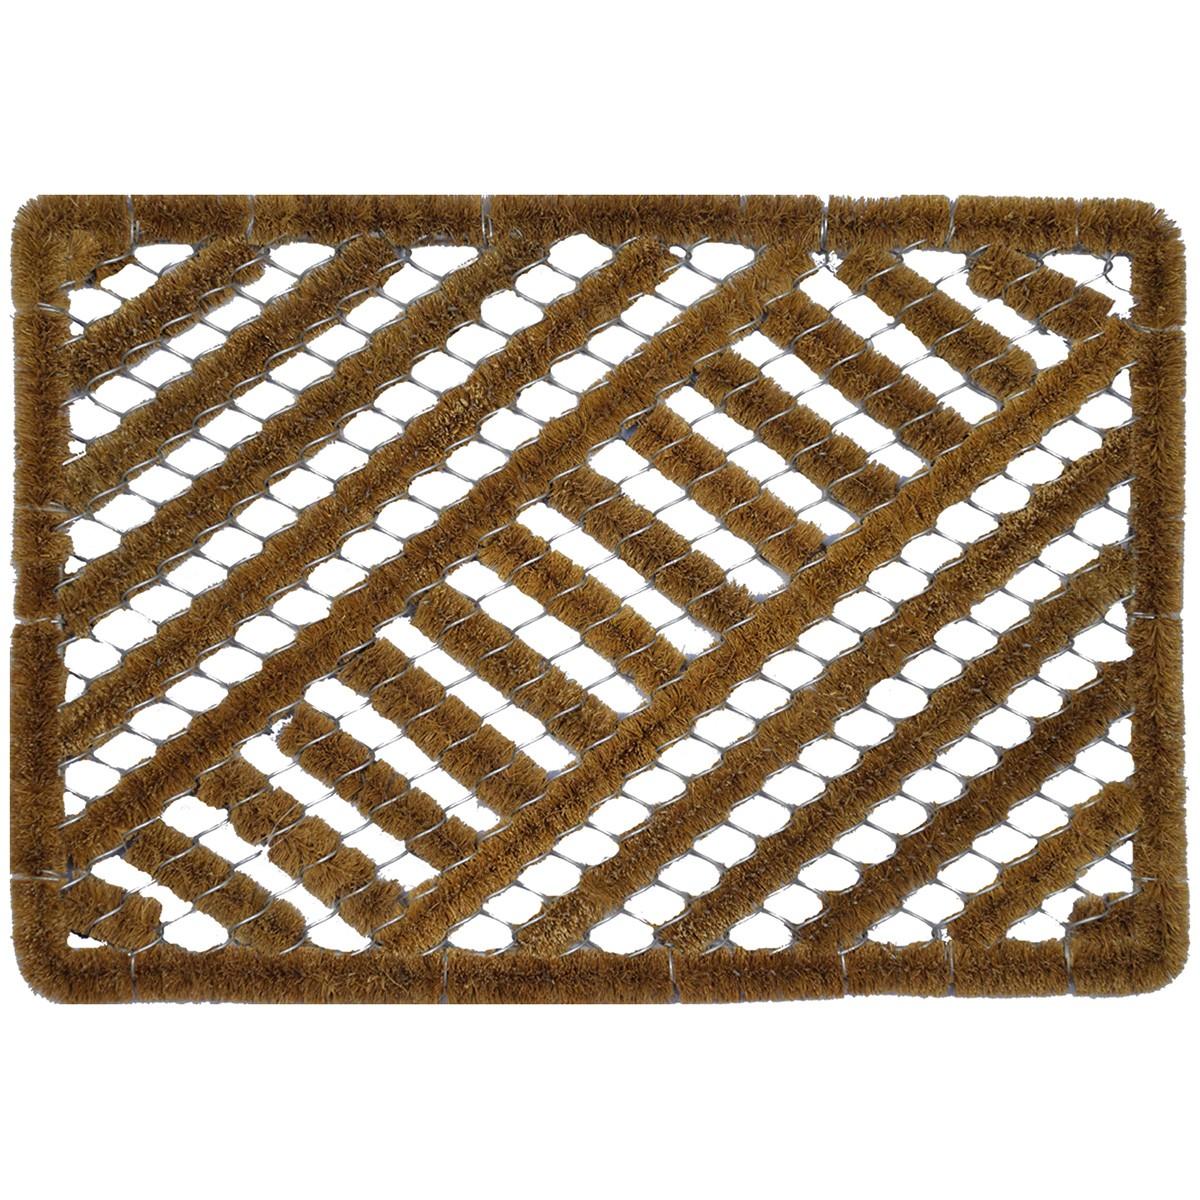 Clive Wired Coir Bootscraper Doormat, 60x40cm